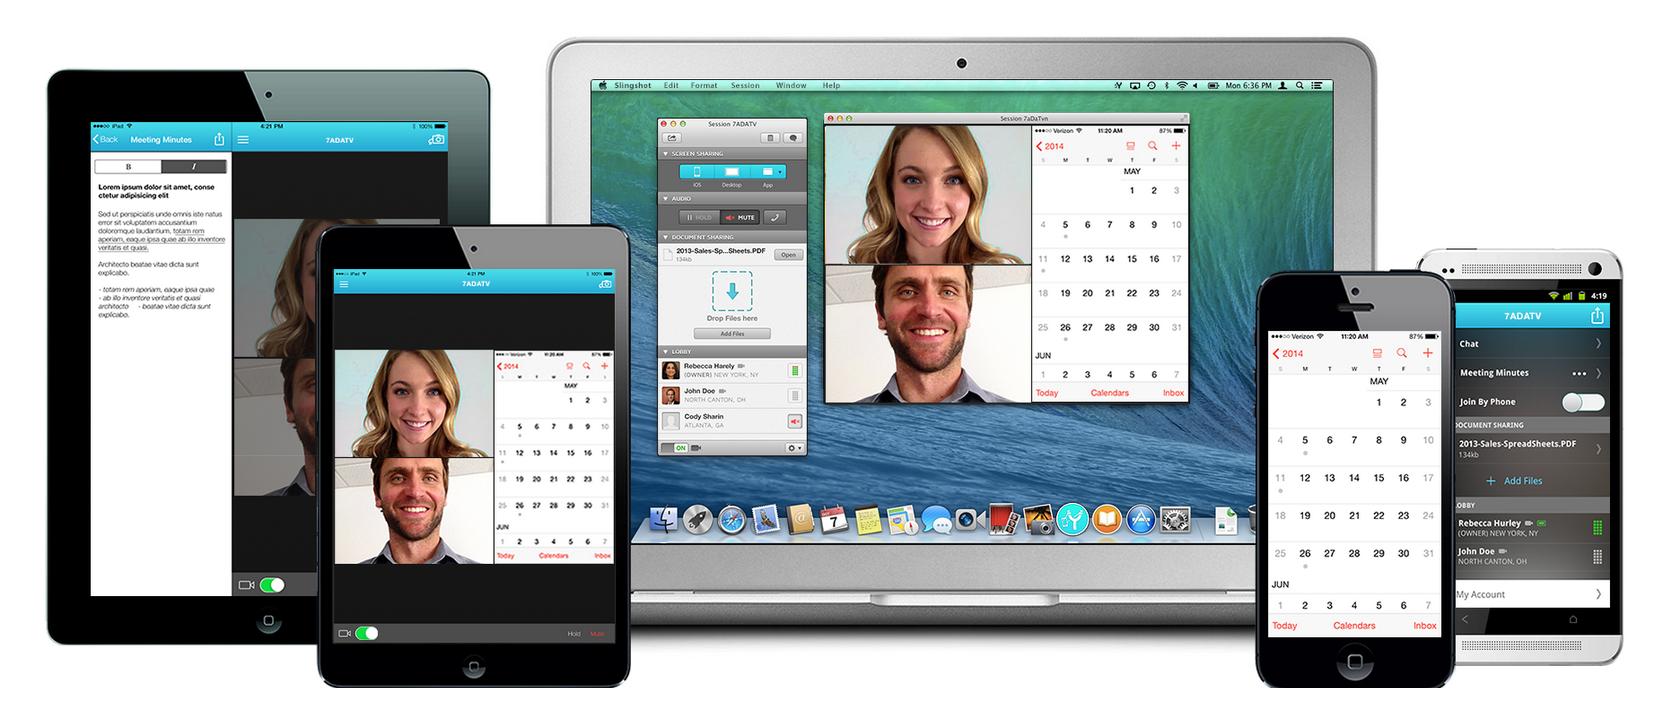 Slingshot-iOS-app-01